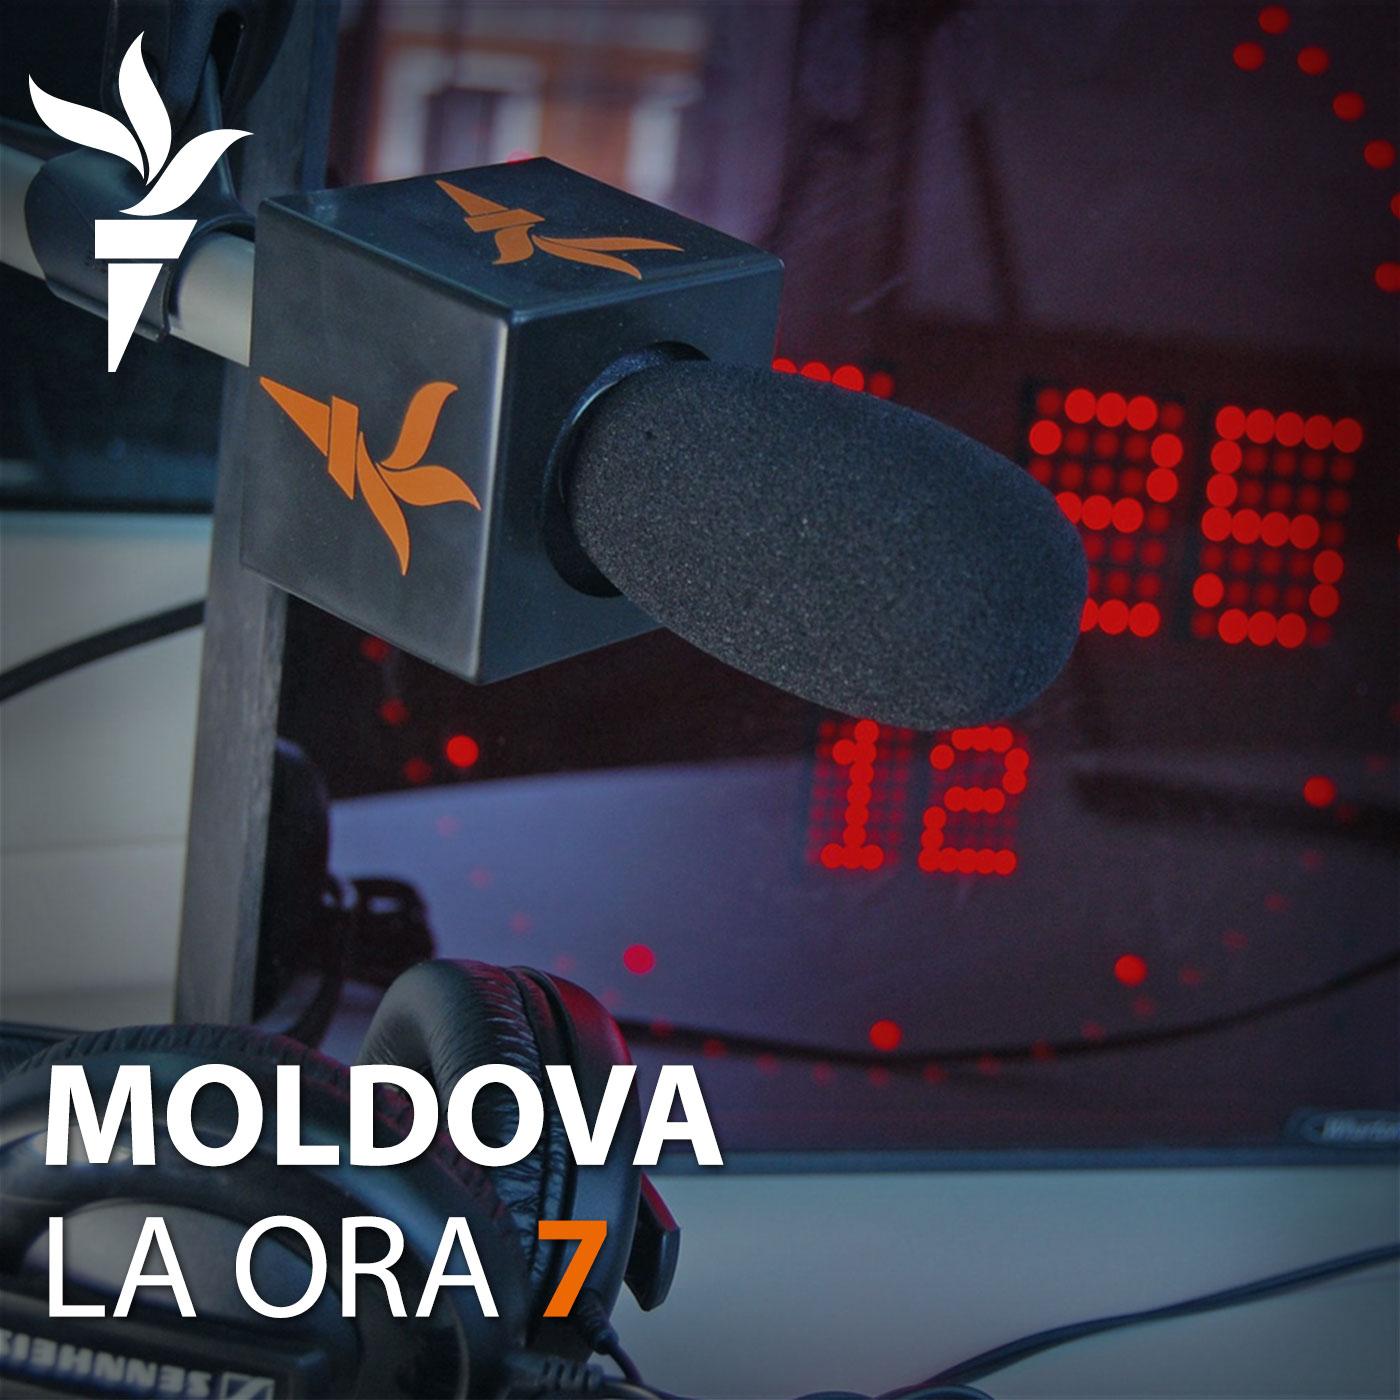 Moldova la ora 7 - Radio Europa Liberă/Radio Libertatea